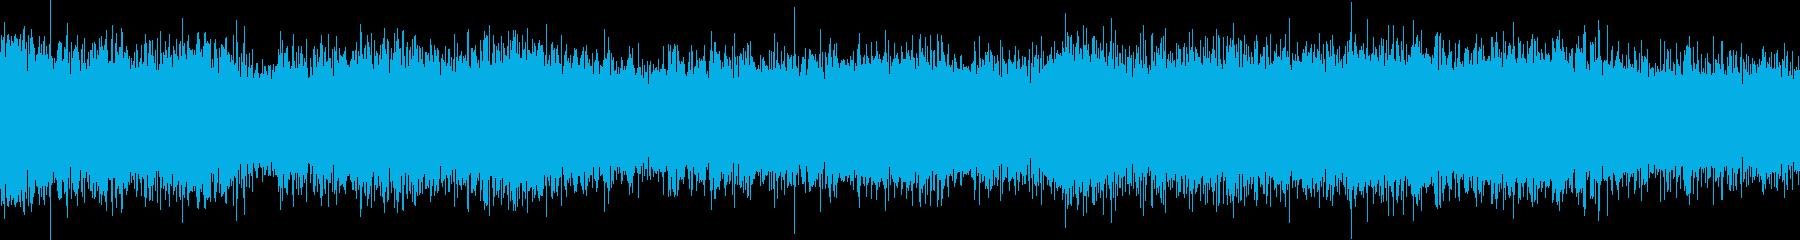 車の走行音(ドイツ)の再生済みの波形